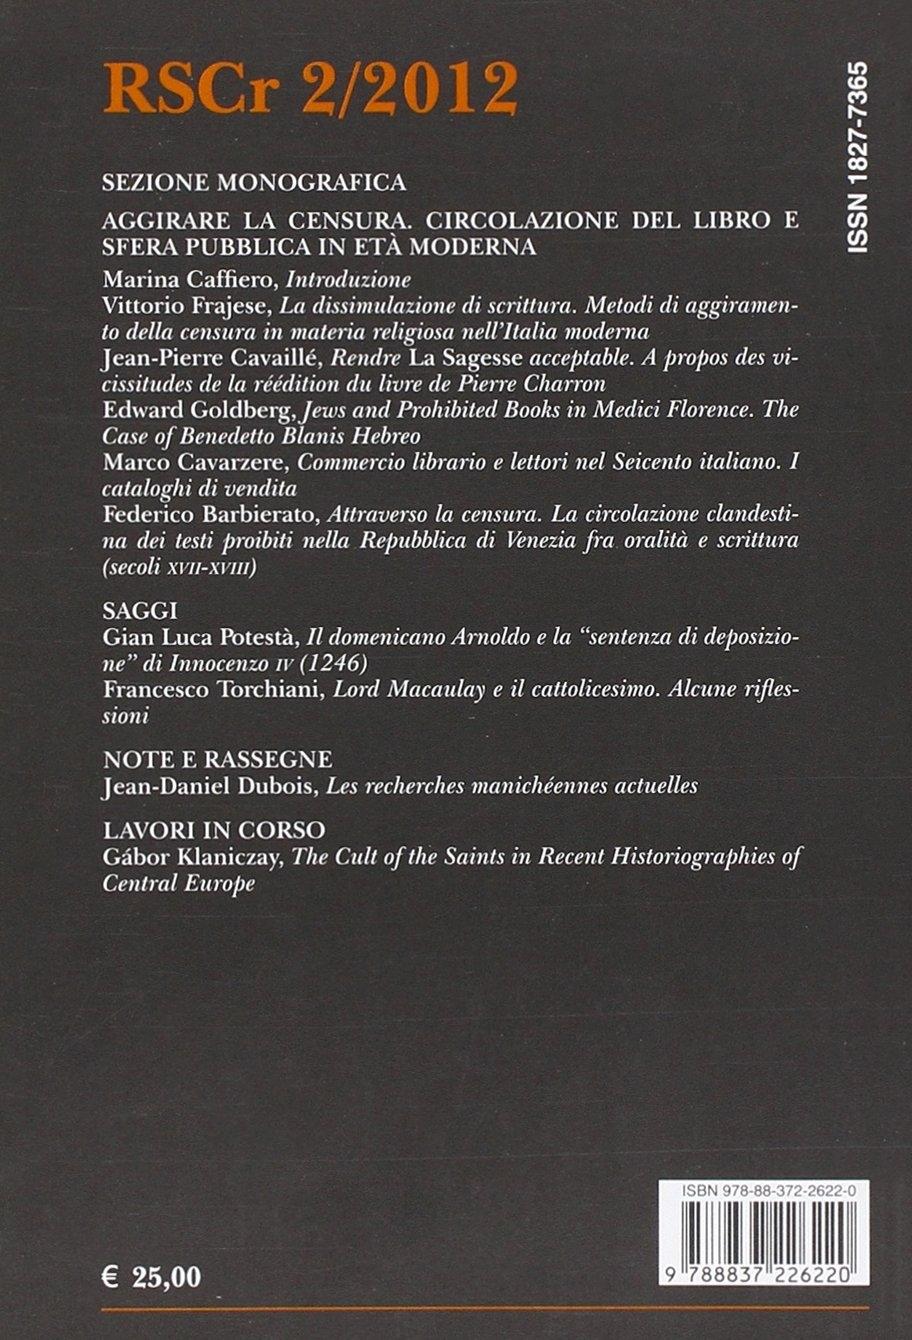 Rivista di storia del cristianesimo (2012). Vol. 2: Aggirare le censure. Circolazione del libro e opinione pubblica in età moderna